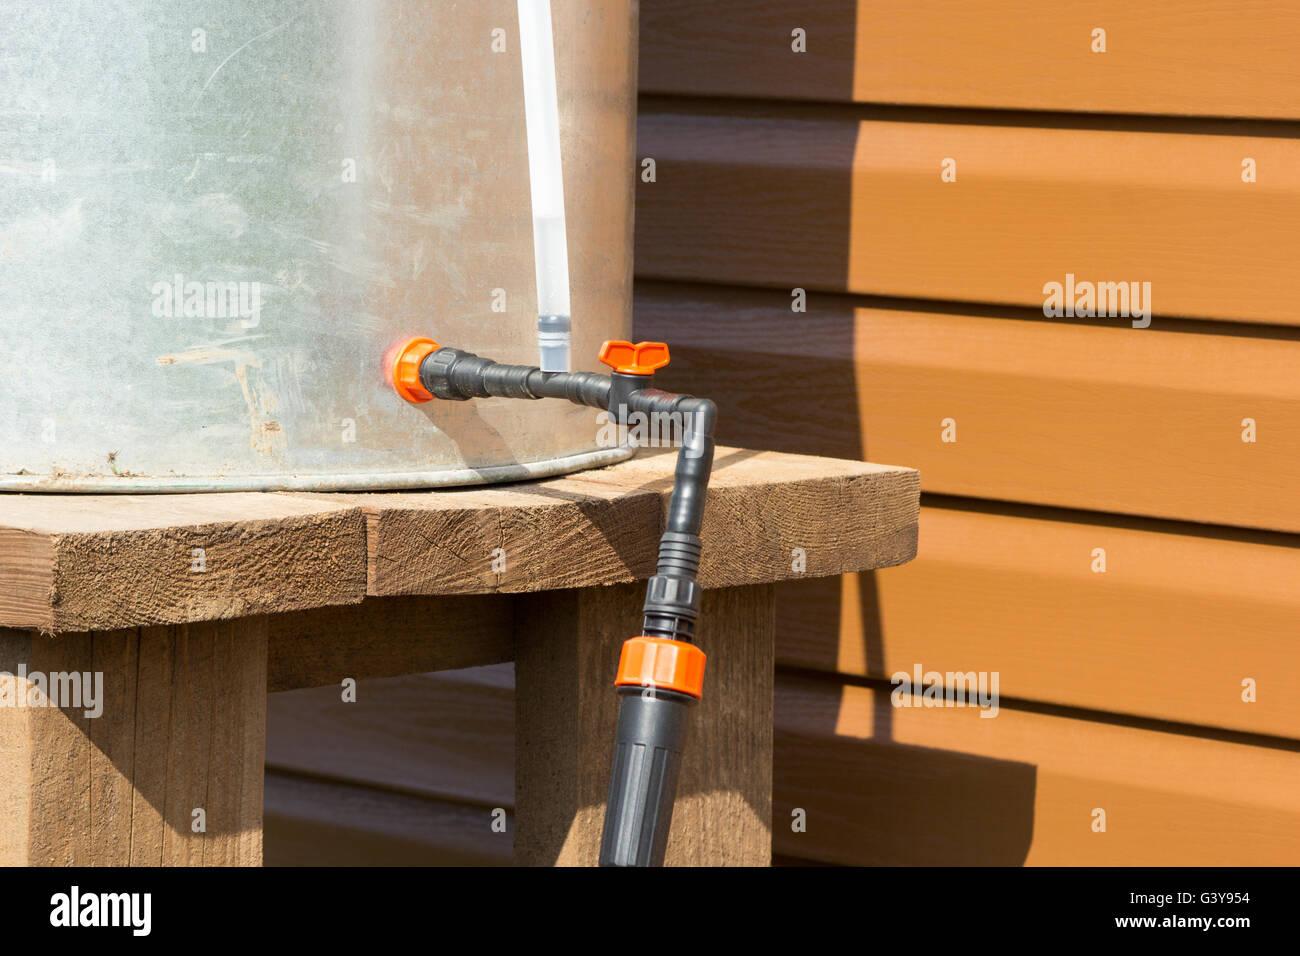 De barillet chromé avec les flexibles d'eau de pluie pour l'irrigation Photo Stock